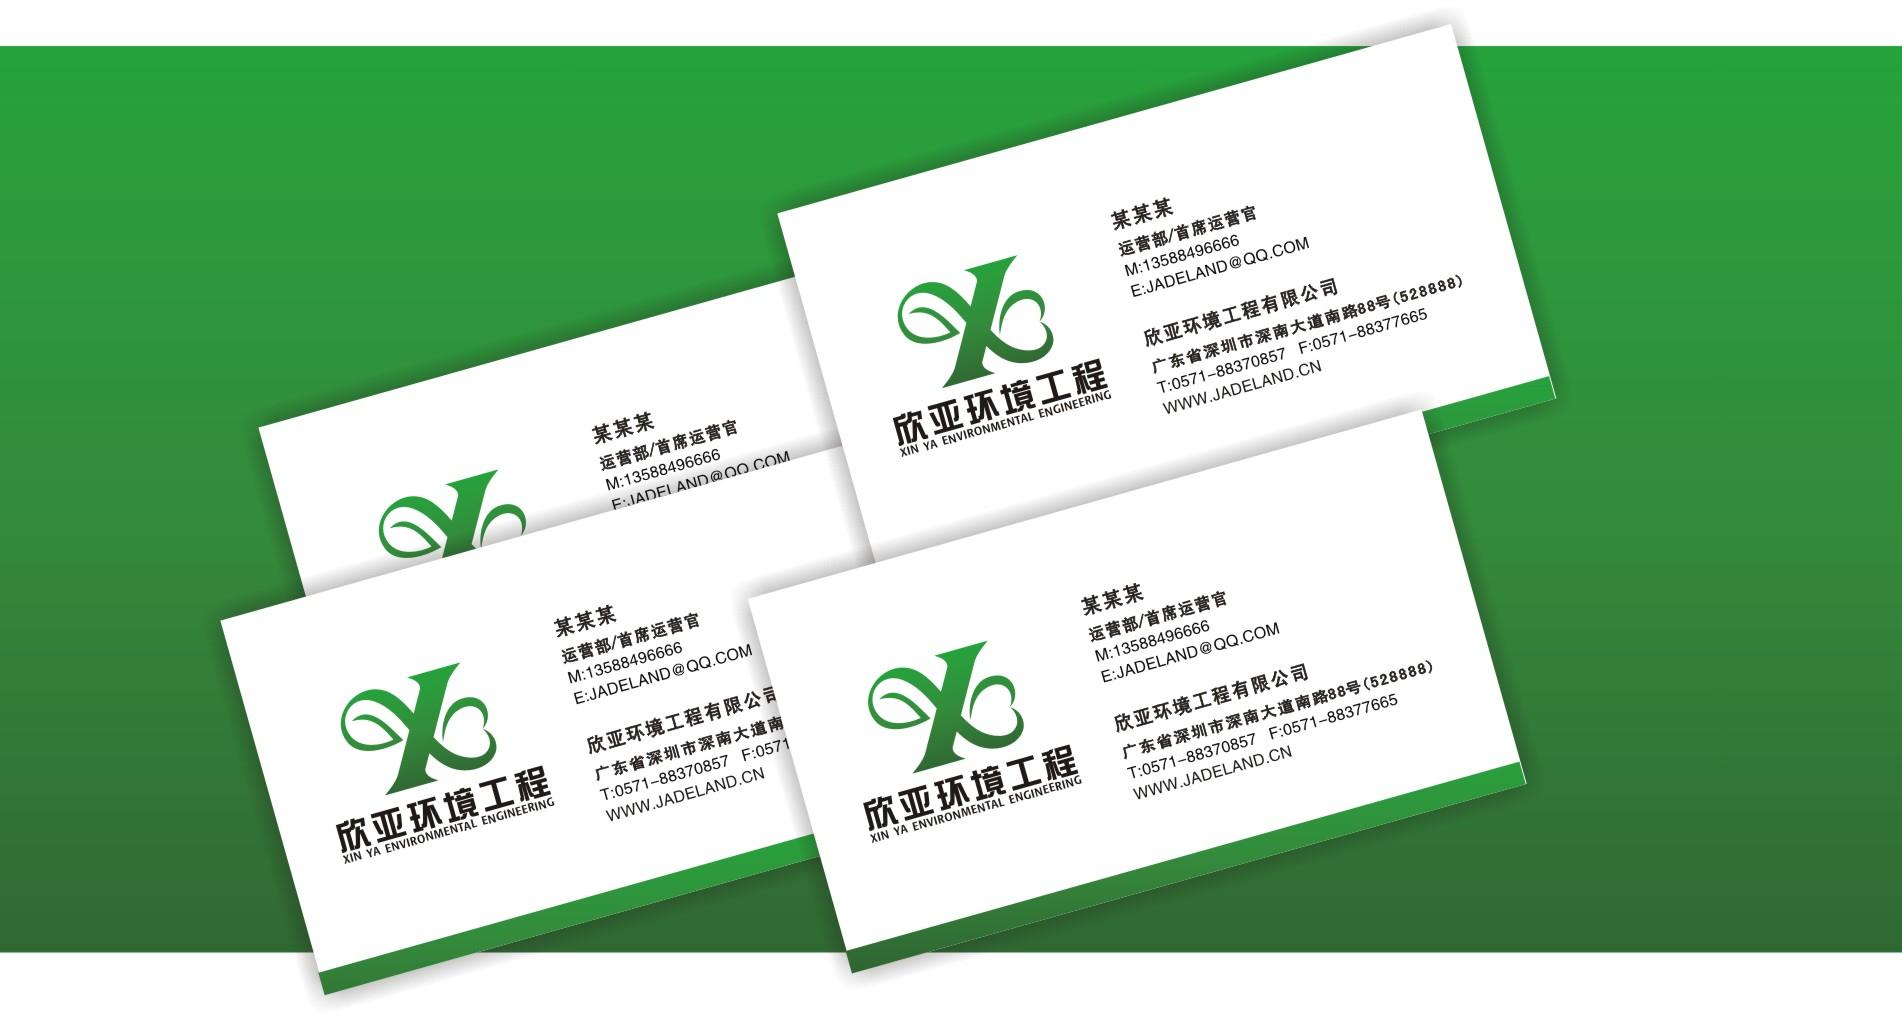 公司logo名片等设计